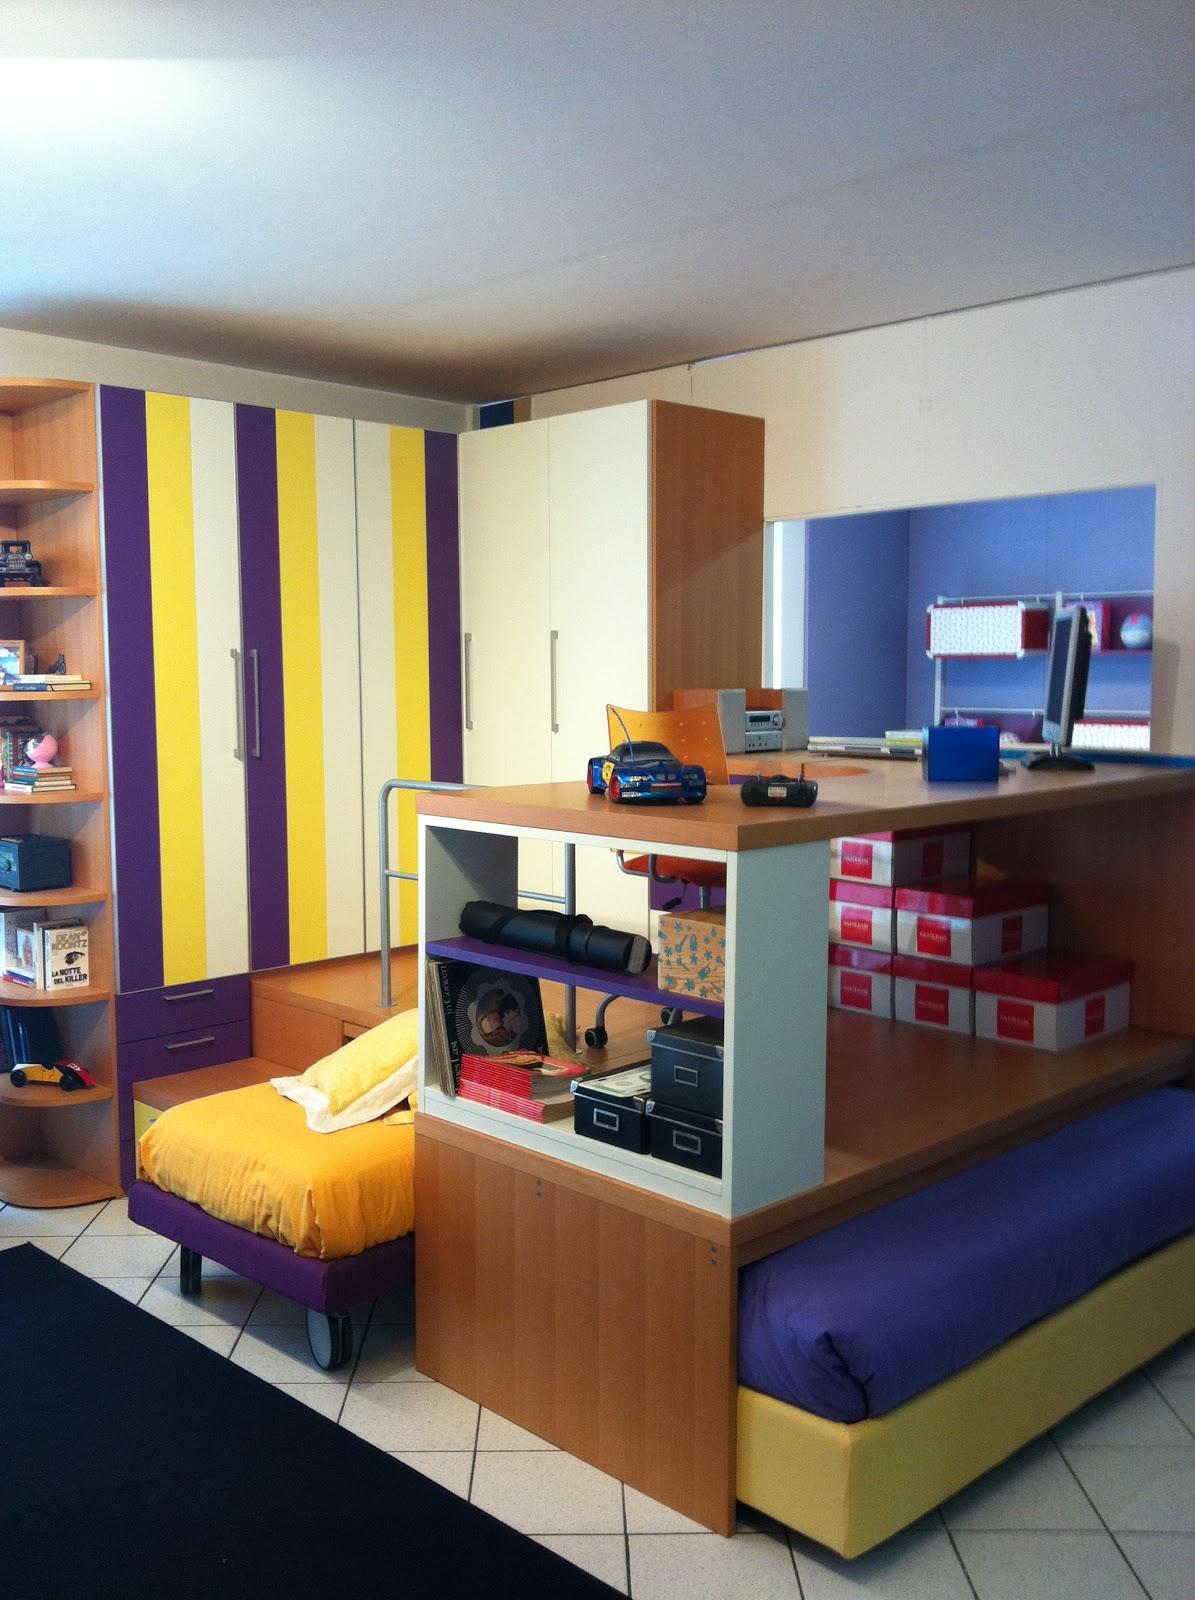 Bonetti camerette bonetti bedrooms cameretta con pedana - Camerette con pedana ...